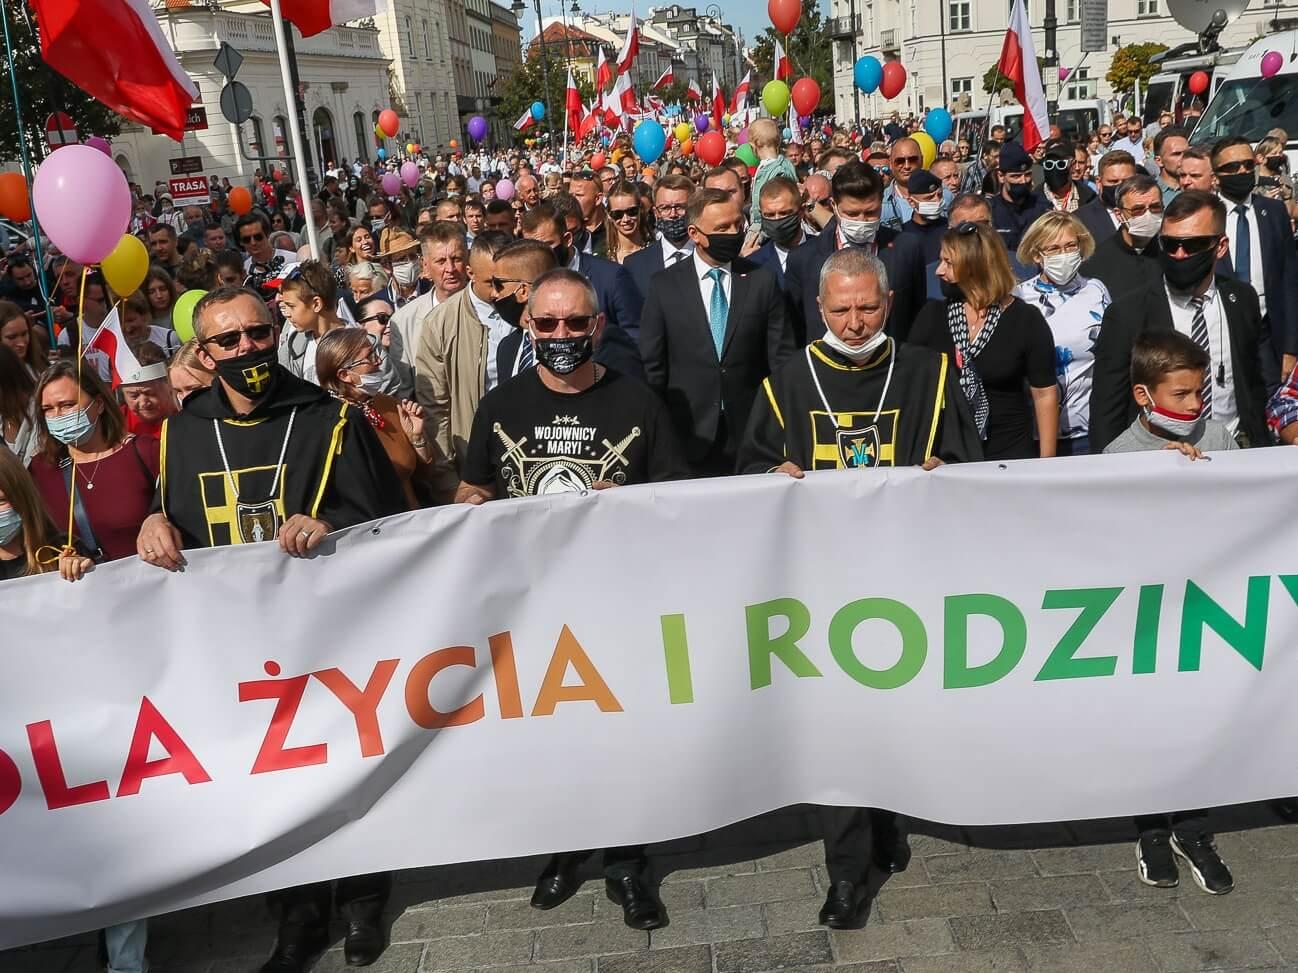 """""""Walczymy przeciw mocom ciemności"""". Marsz dla Życia i Rodziny odbył się w Warszawie. Dołączył prezydent"""